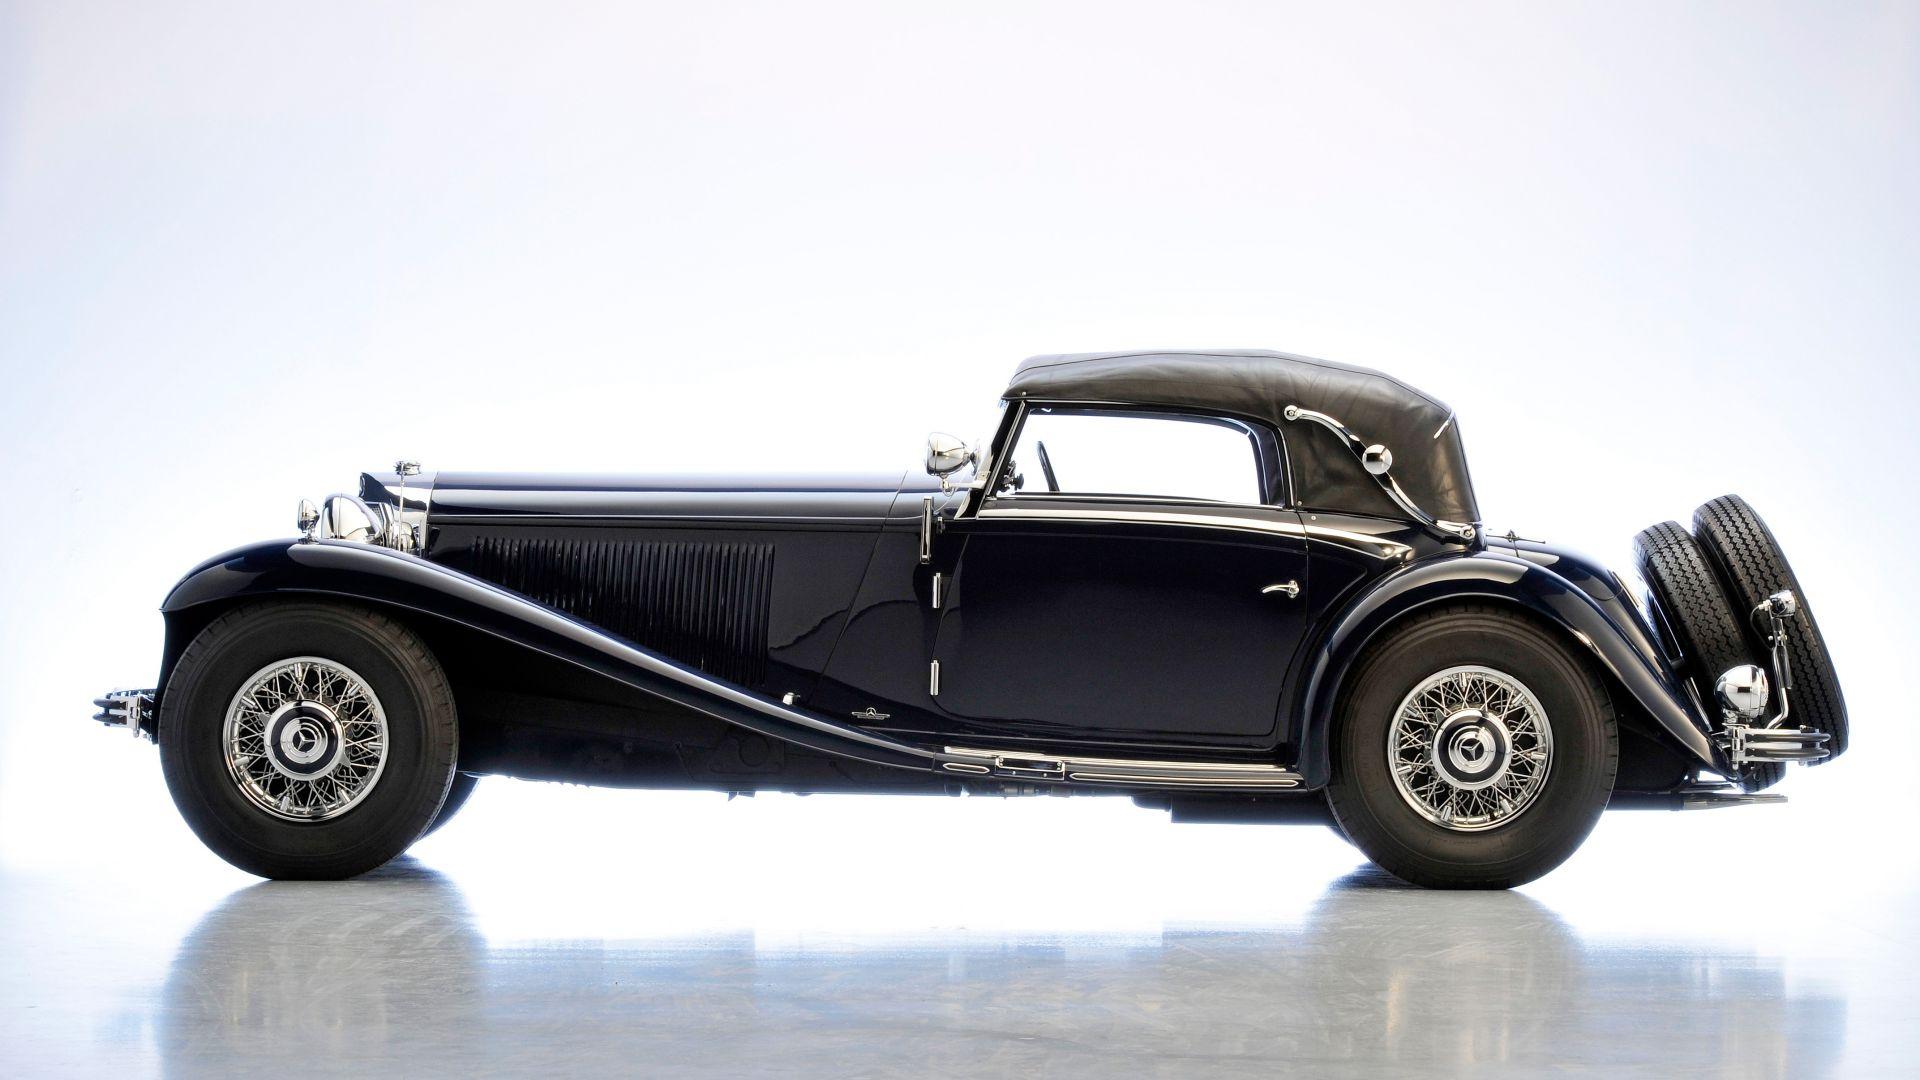 Desktop Wallpaper Mercedes Benz Classic Vintage Black Car